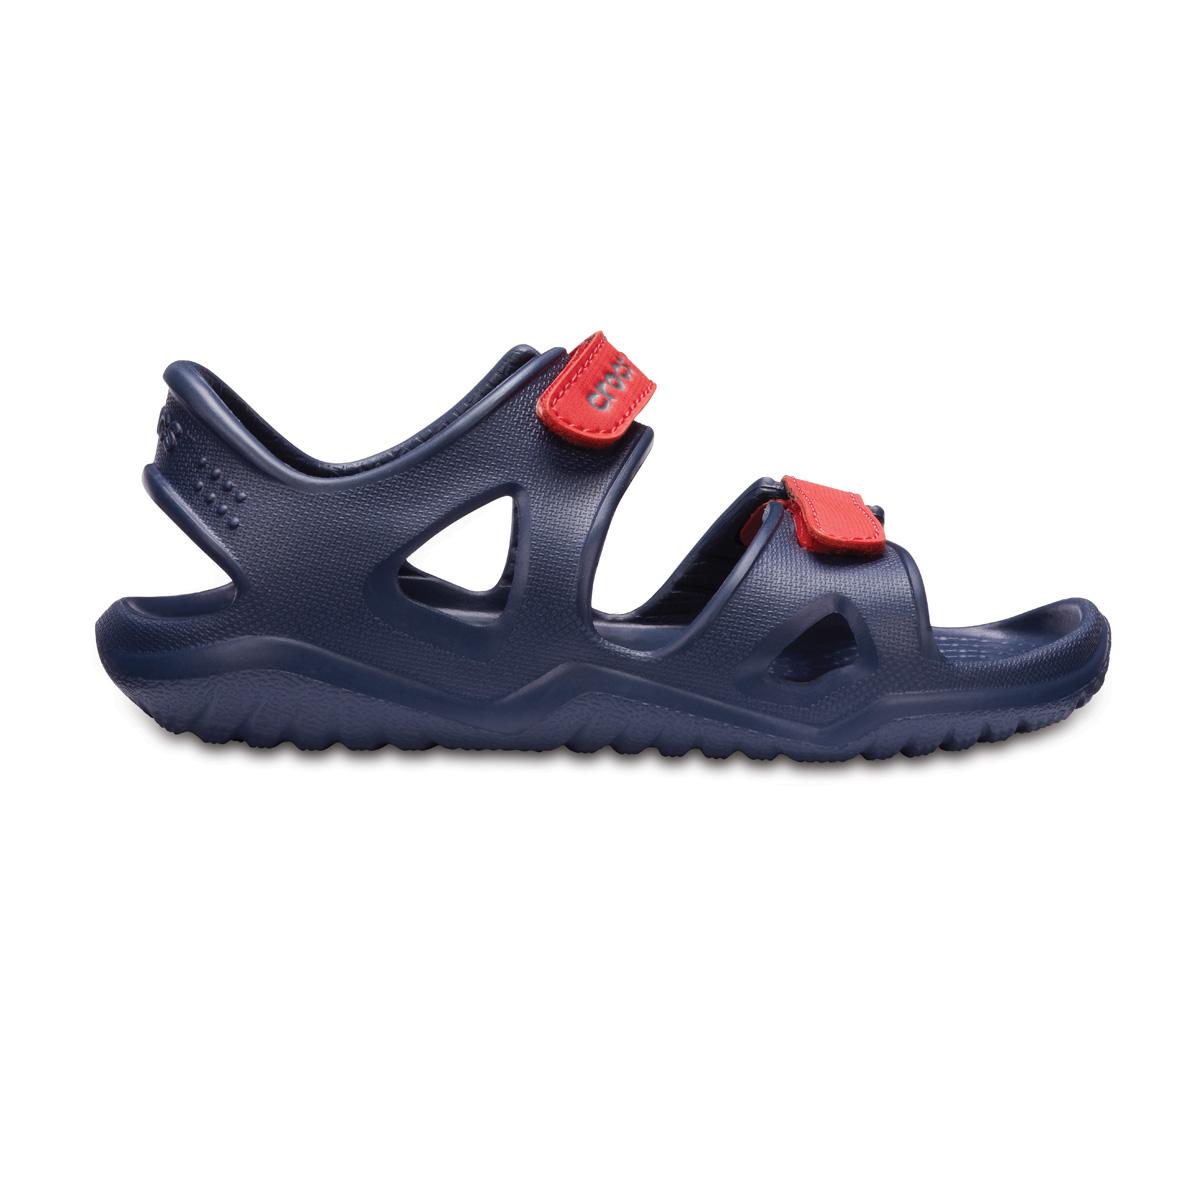 Crocs Swiftwater River Sandal K - Lacivert/Alev